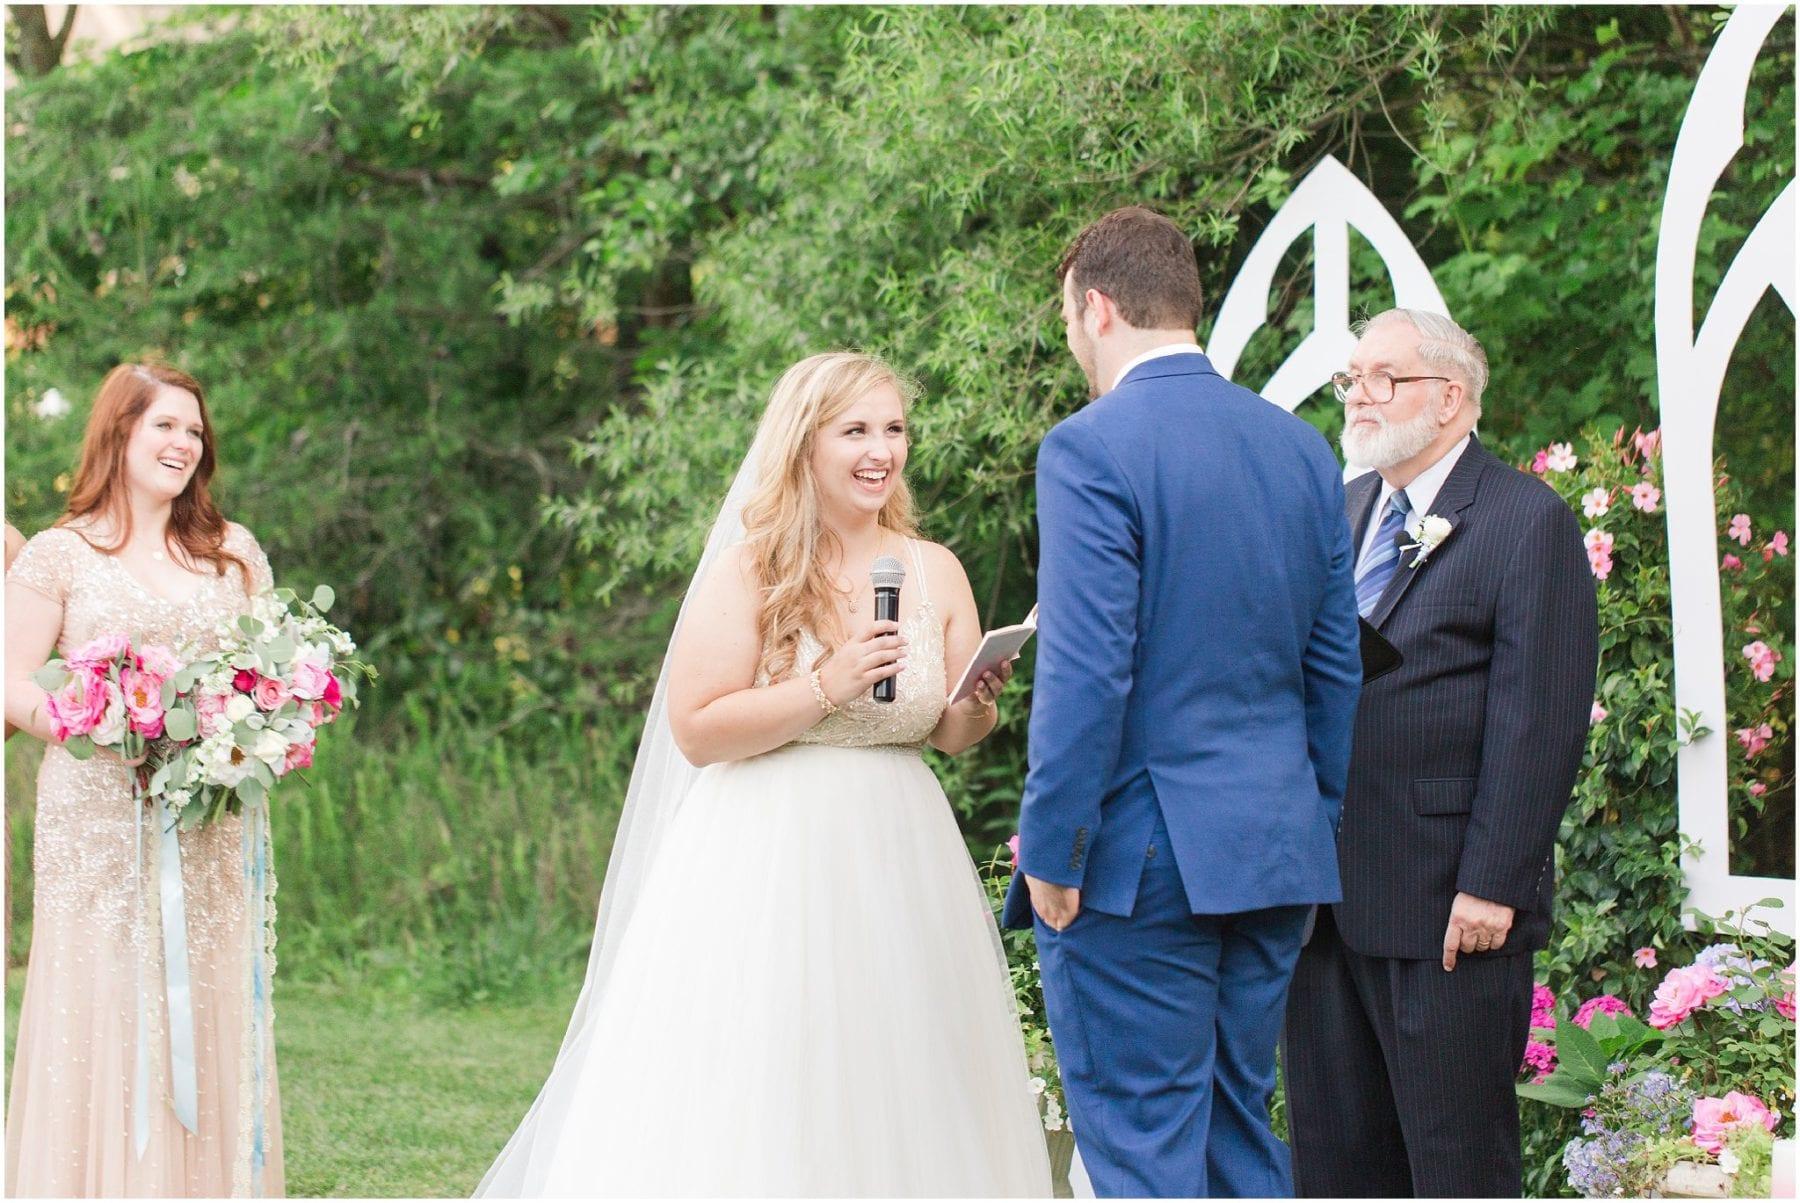 Maryland Backyard Wedding Photos Kelly & Zach Megan Kelsey Photography-232.jpg